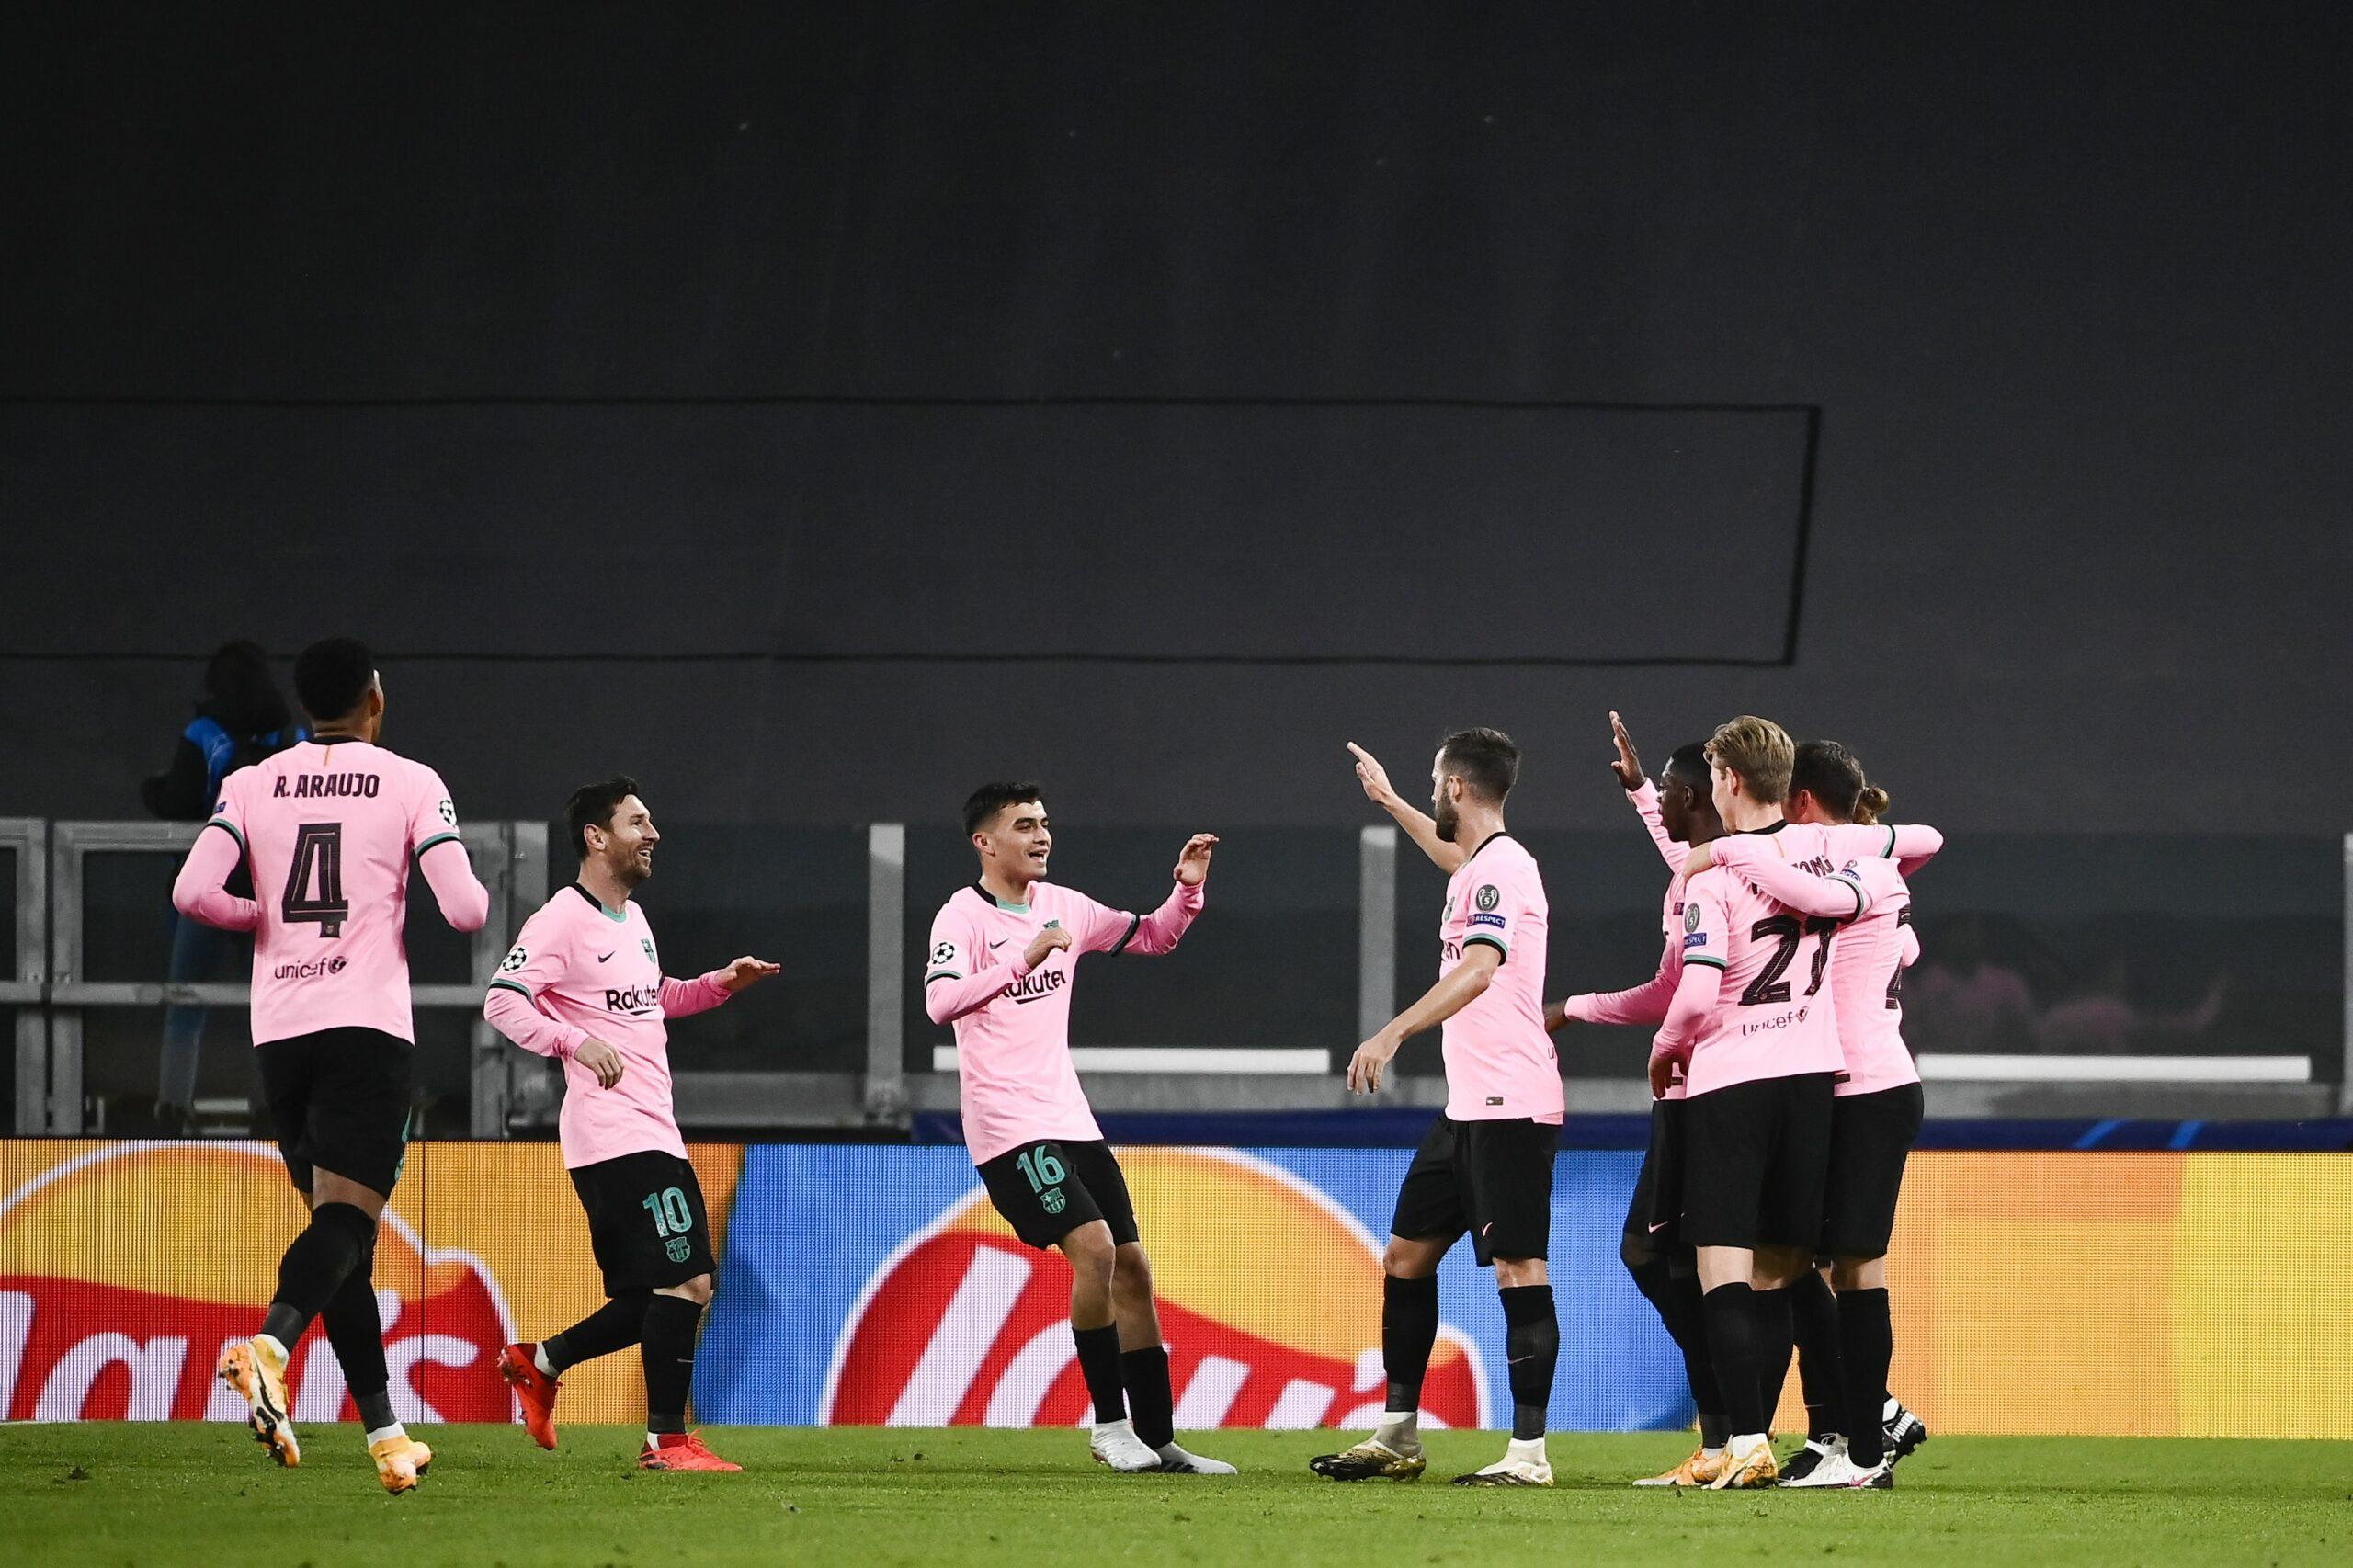 Els jugadors del Barça celebren el gol de Dembélé contra la Juventus | Europa Press